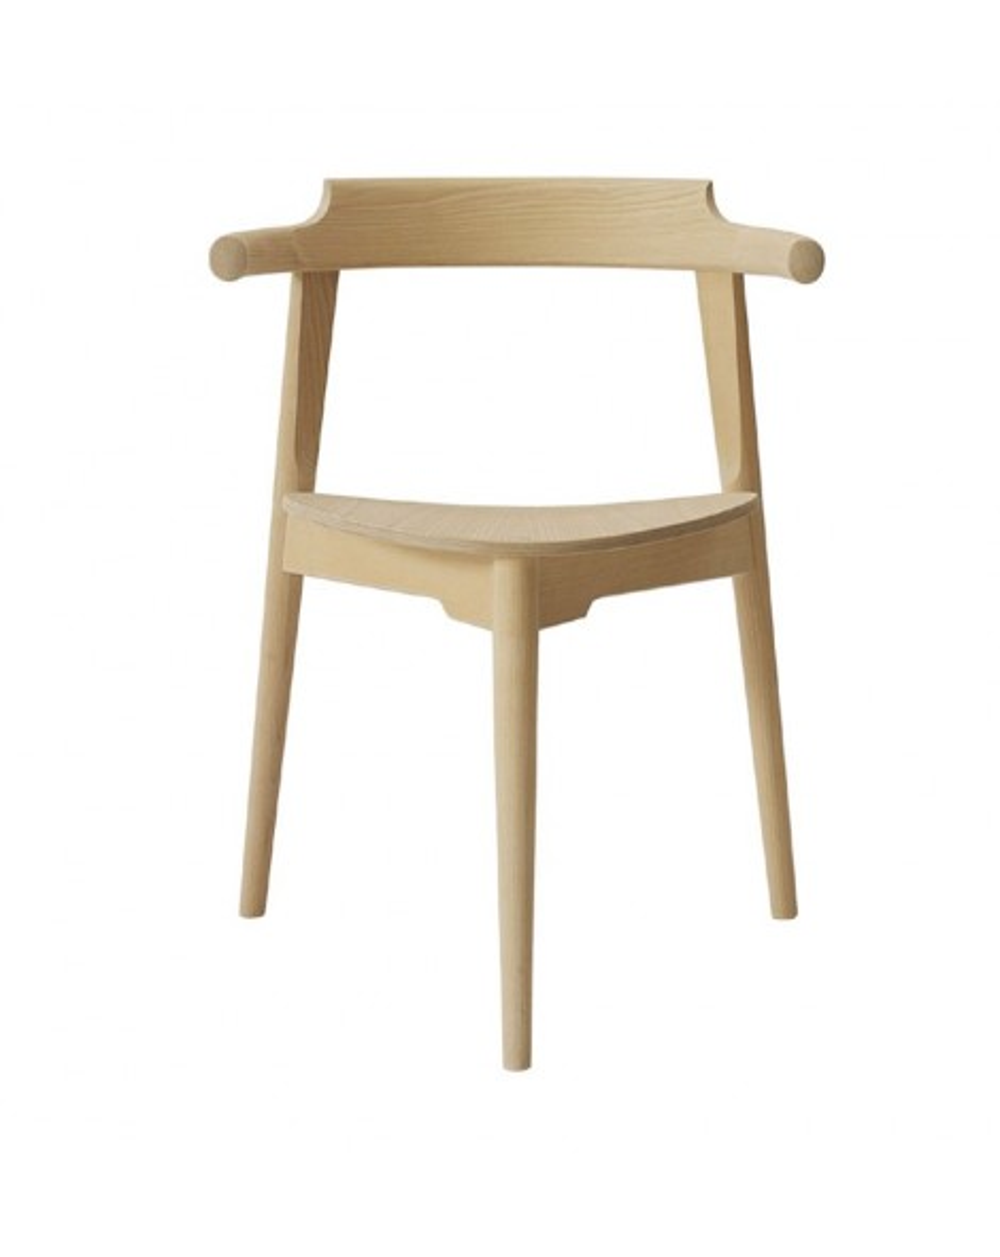 chaise ferry pp58 trois pieds design Hans J. Wegner pp mobler la boutique danoise